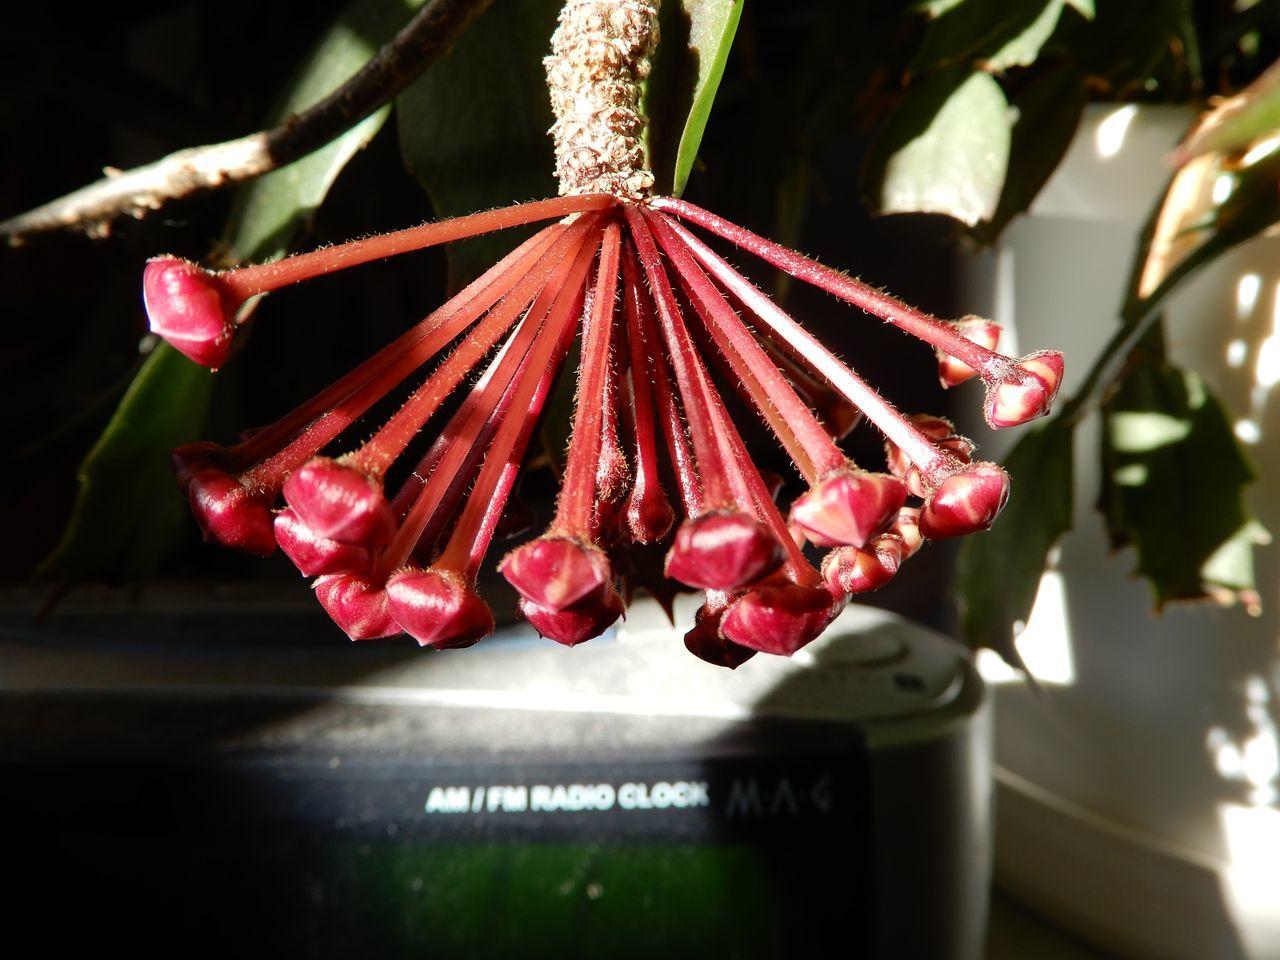 エアプランツの種子が熟した!?_c0025115_22463397.jpg